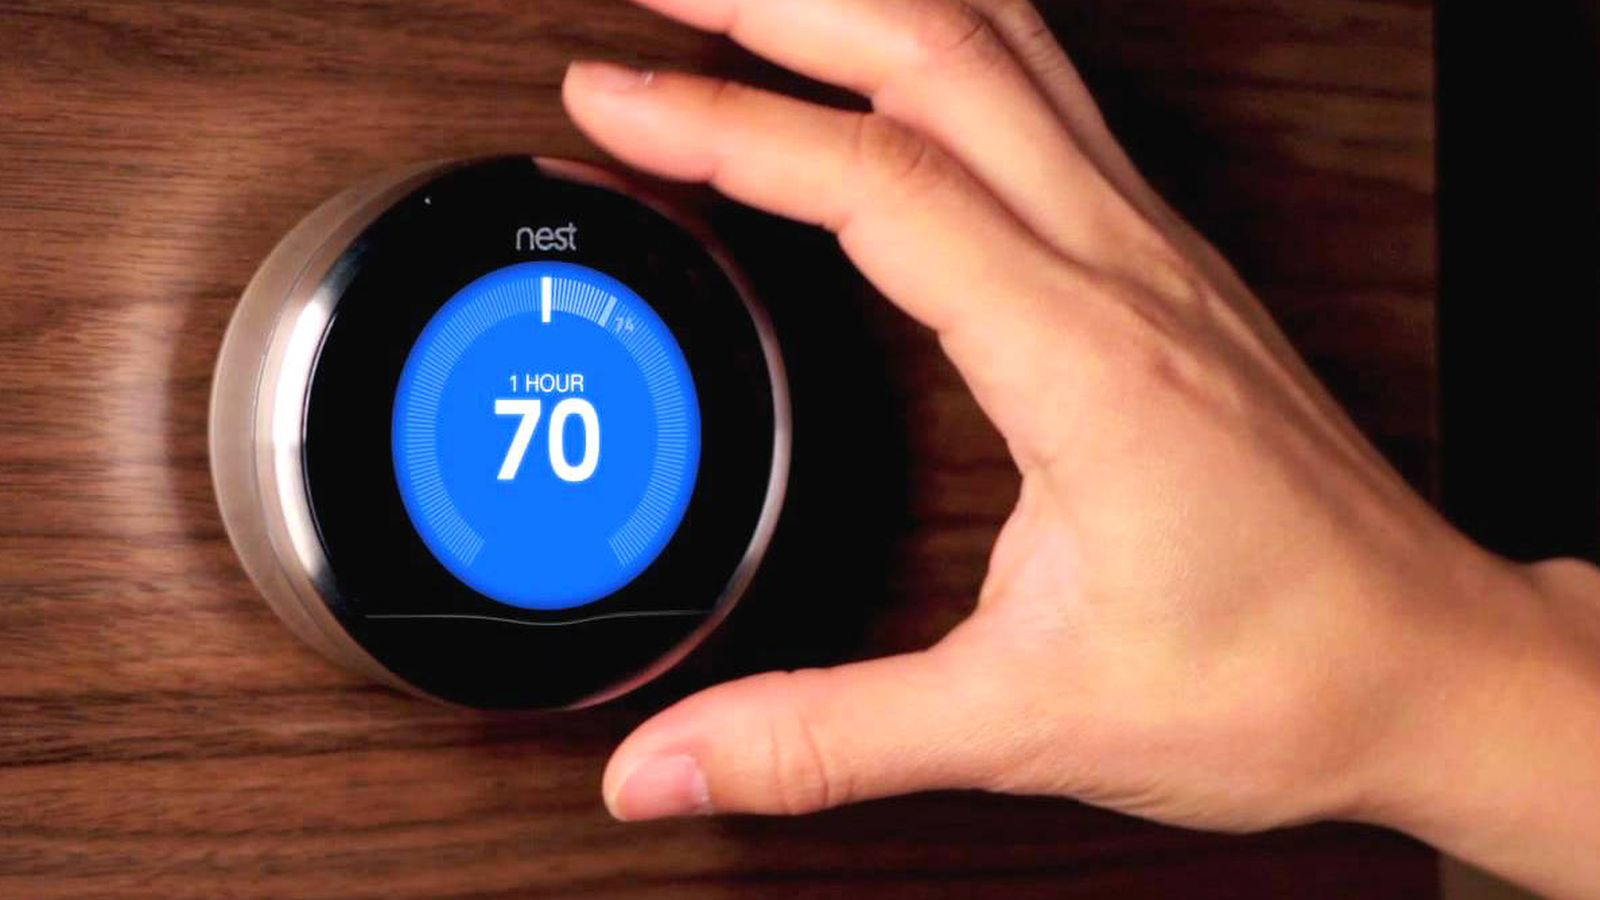 Probamos-nest-el-termostato-inteligente-de-google-que-querras-tener-en-tu-casa